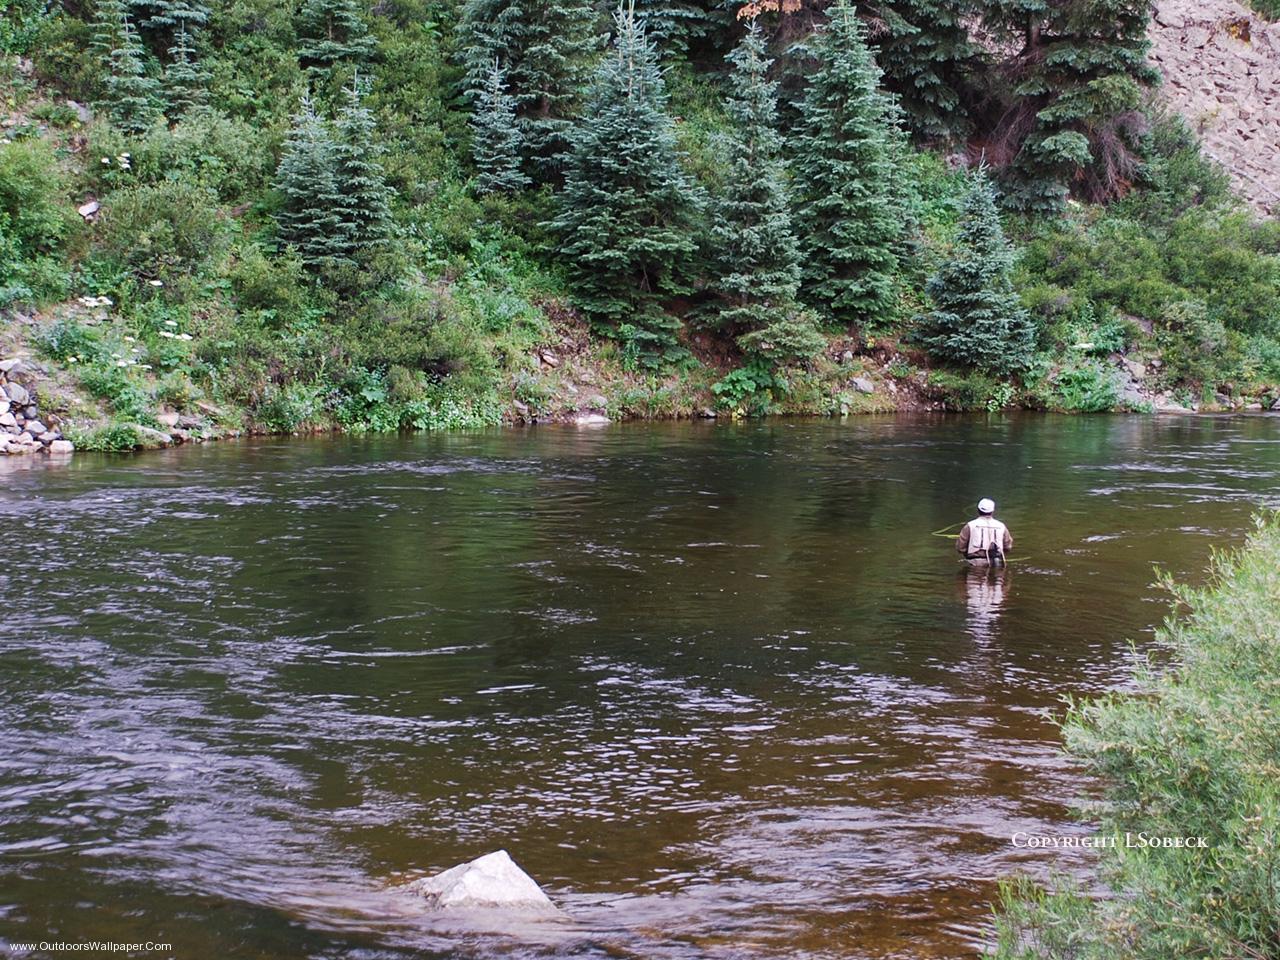 13550_Fishing-Taylor-River-4_122_412lo.jpeg